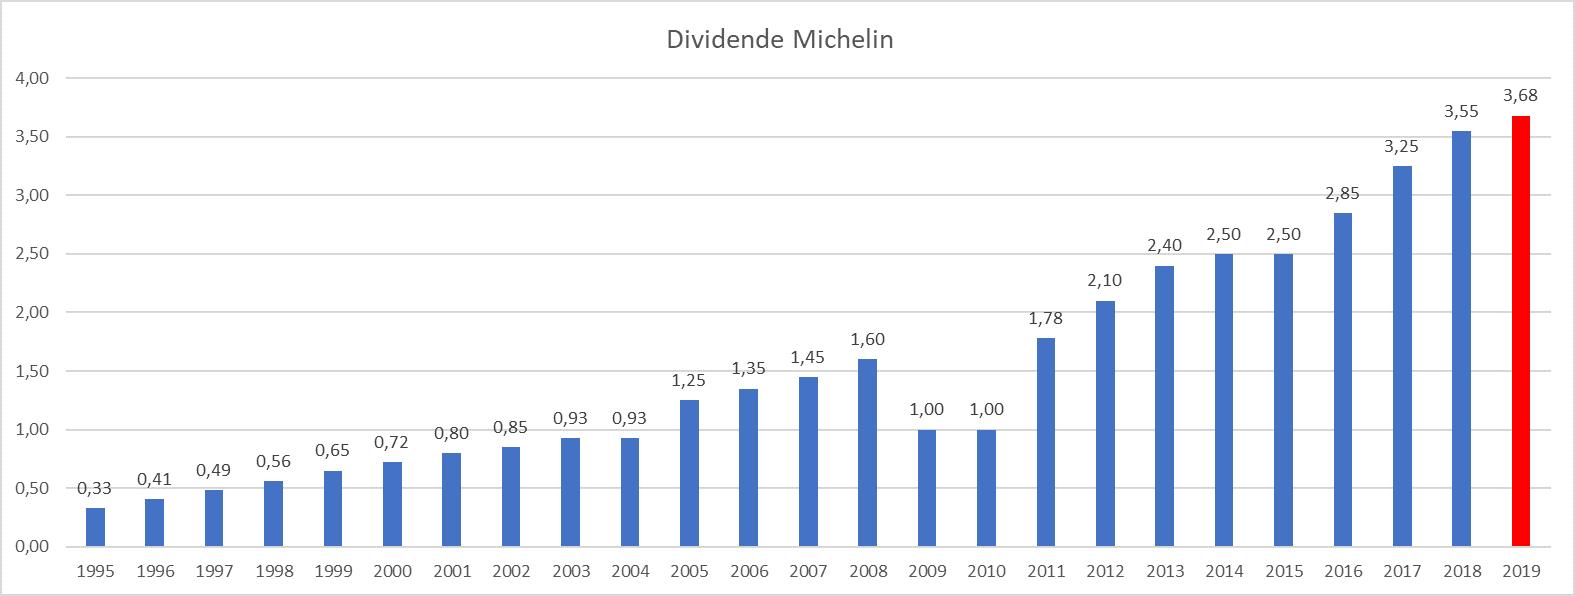 Dividende Michelin